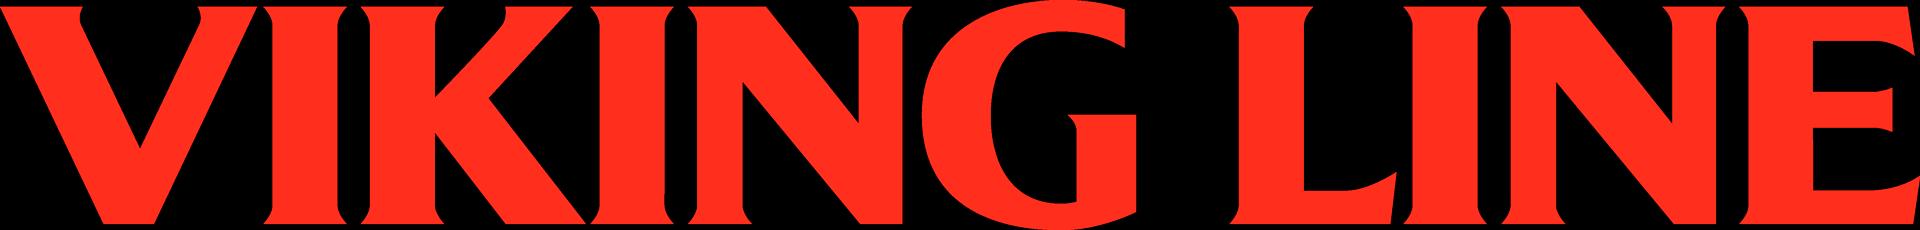 Viking Line 商标